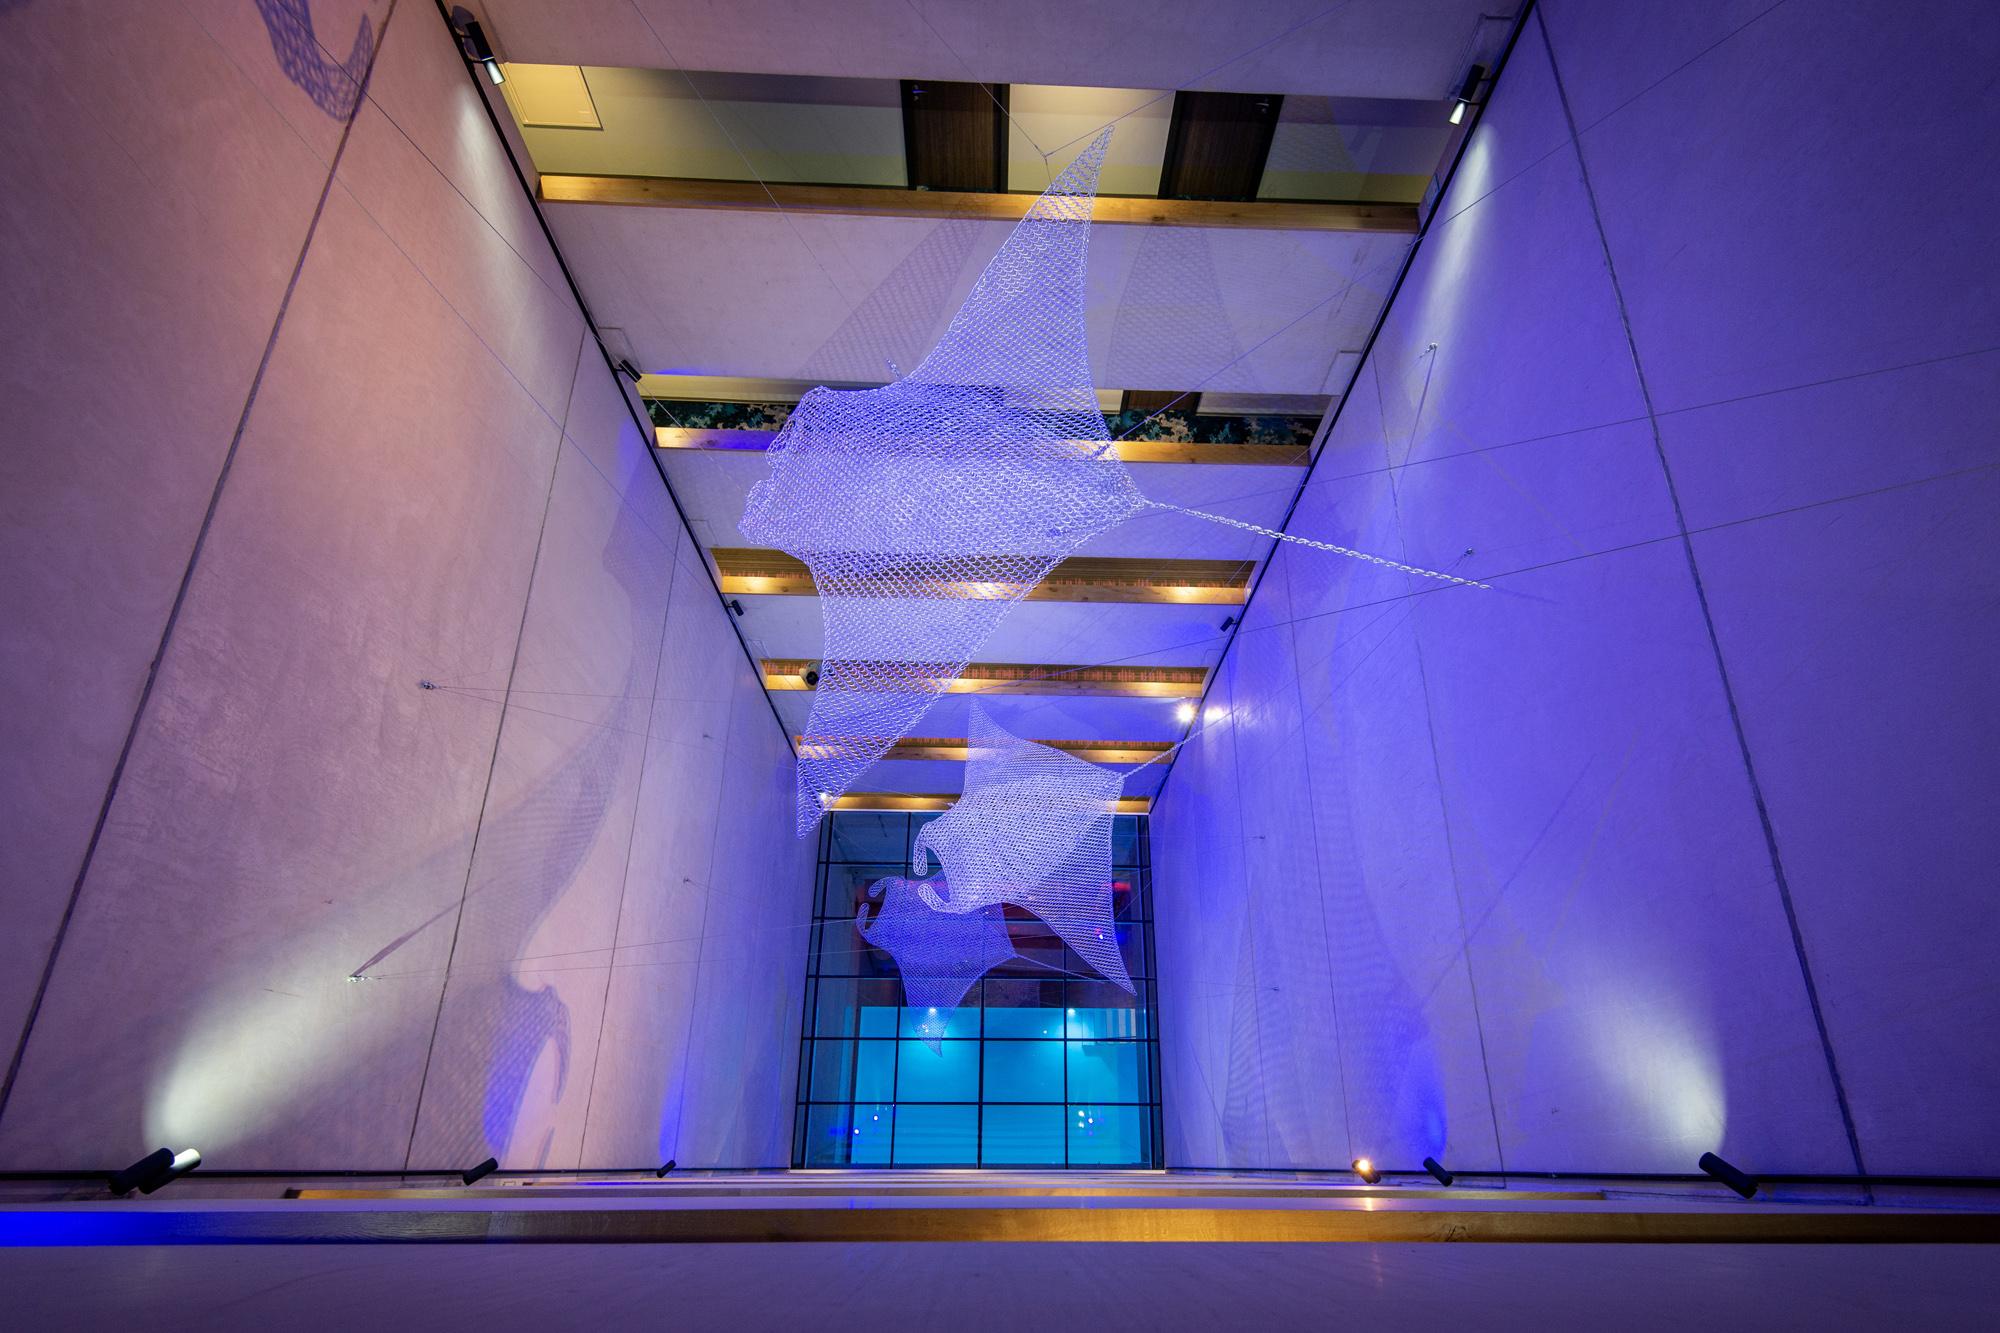 Der eingebaute Veltmann Custom Pool, folglich ein Bild des Schwimmbeckens aus dem Atrium